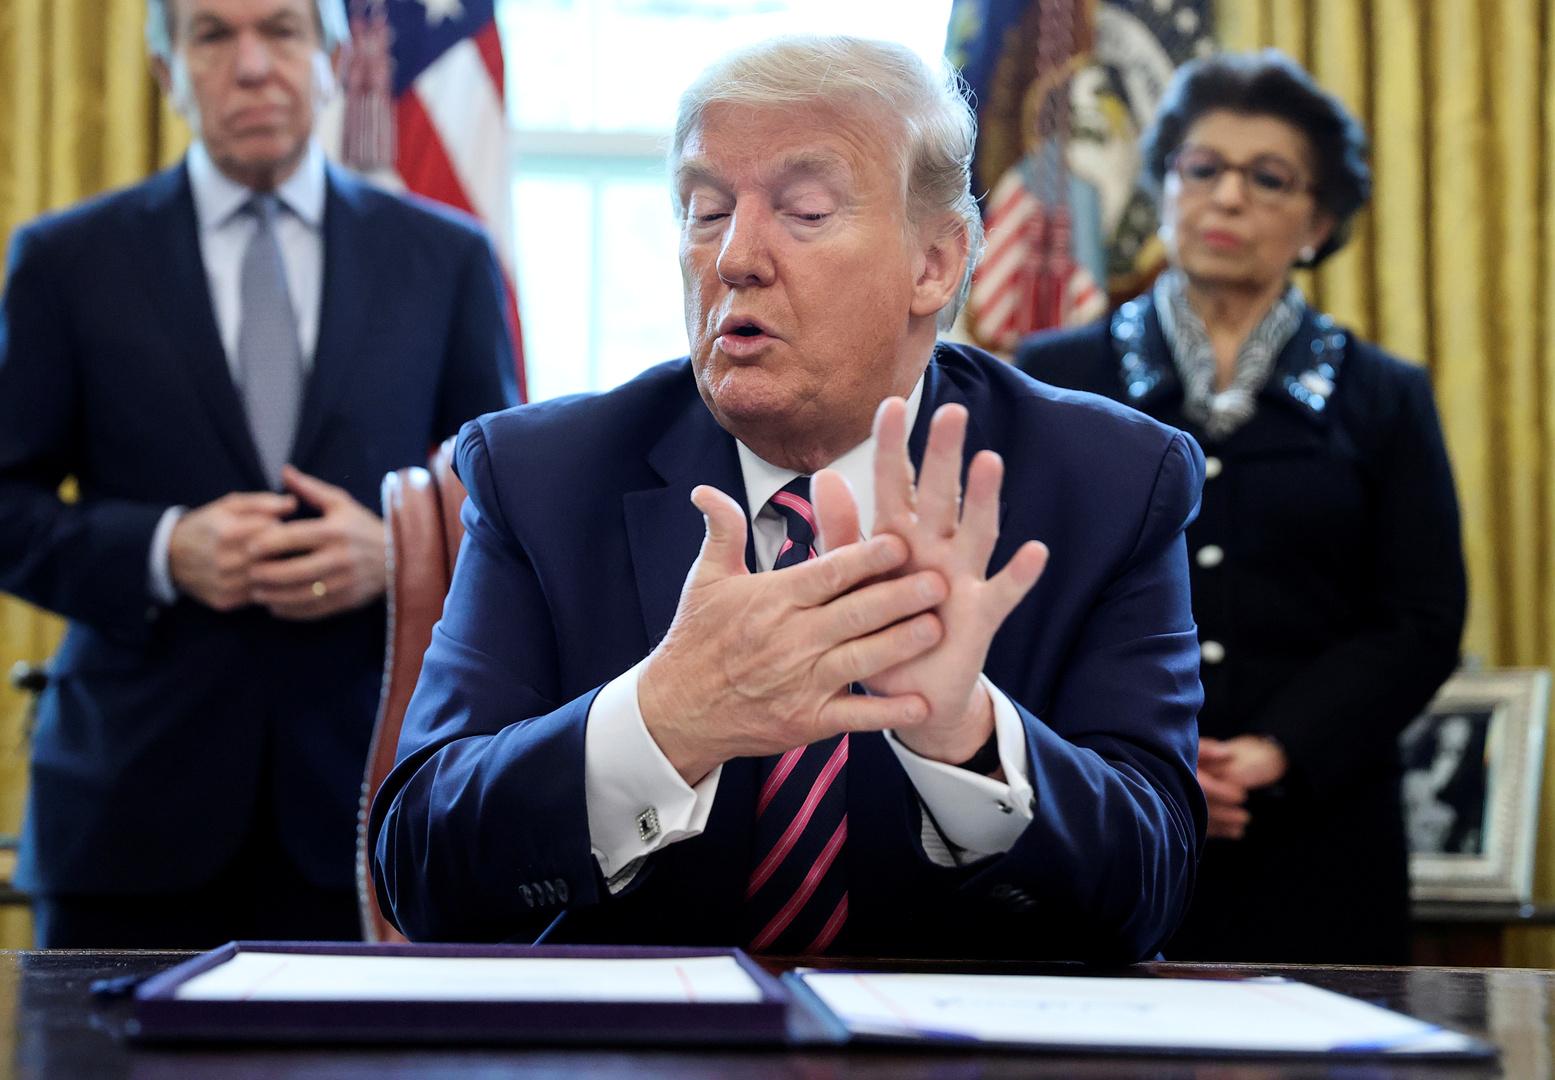 تقرير: CIA نفذت عمليات سيبرانية سرية ضد إيران وروسيا بتفويض من ترامب